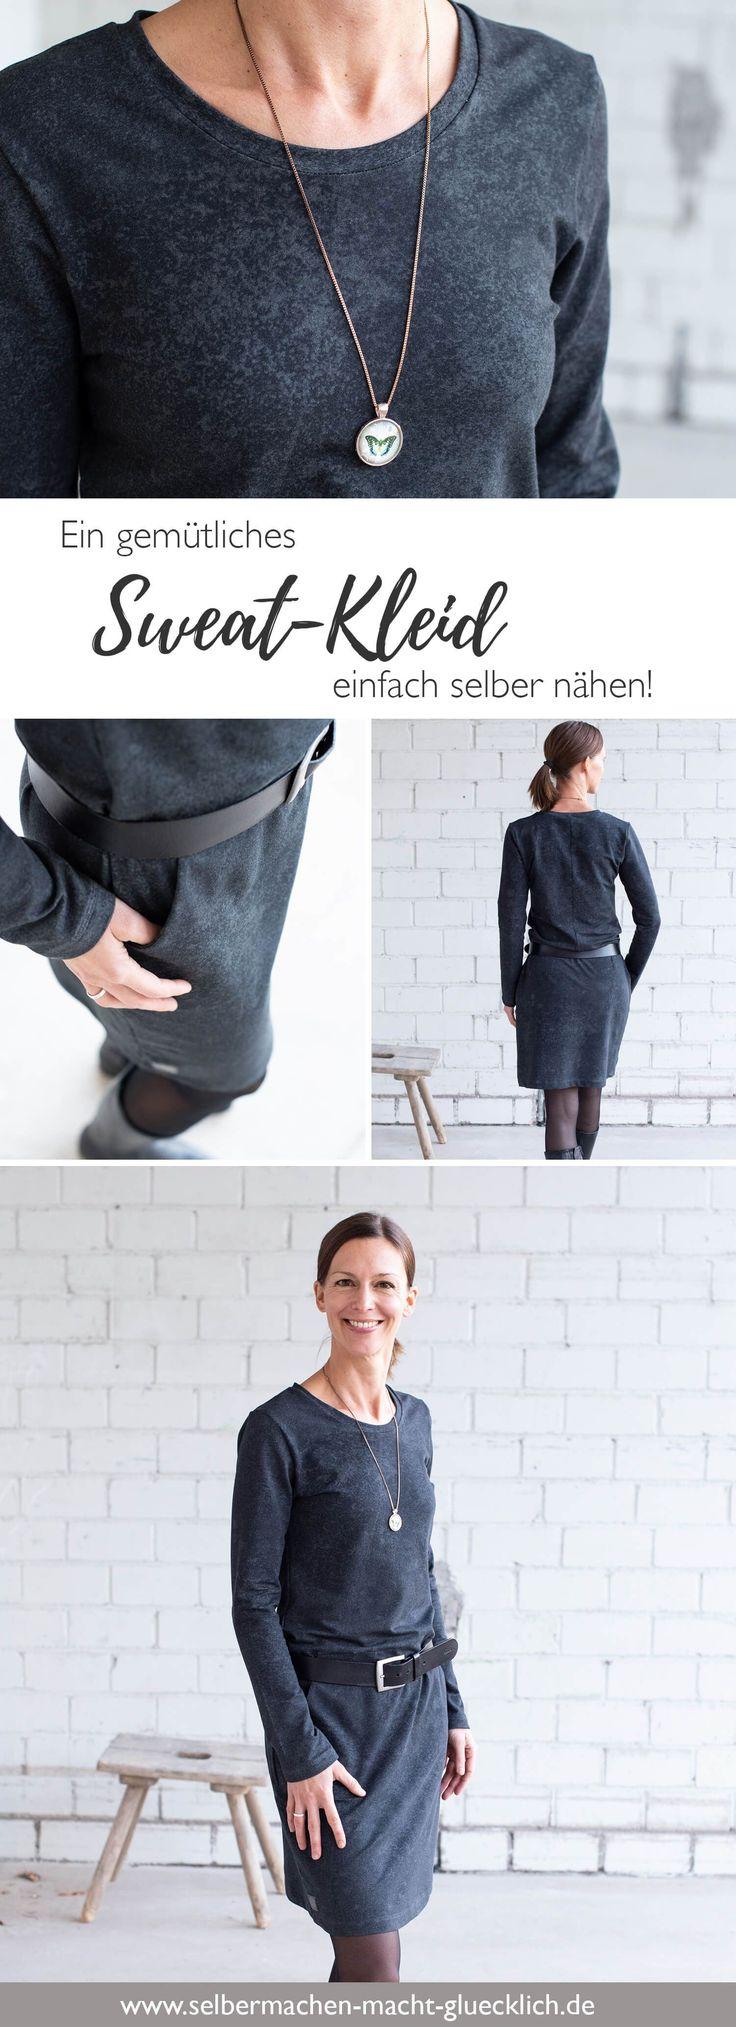 So kannst du dir ein gemütliches Sweatkleid einfach selber nähen! – Miss Rosi – Nähen, DIY, Illustrationen & Design